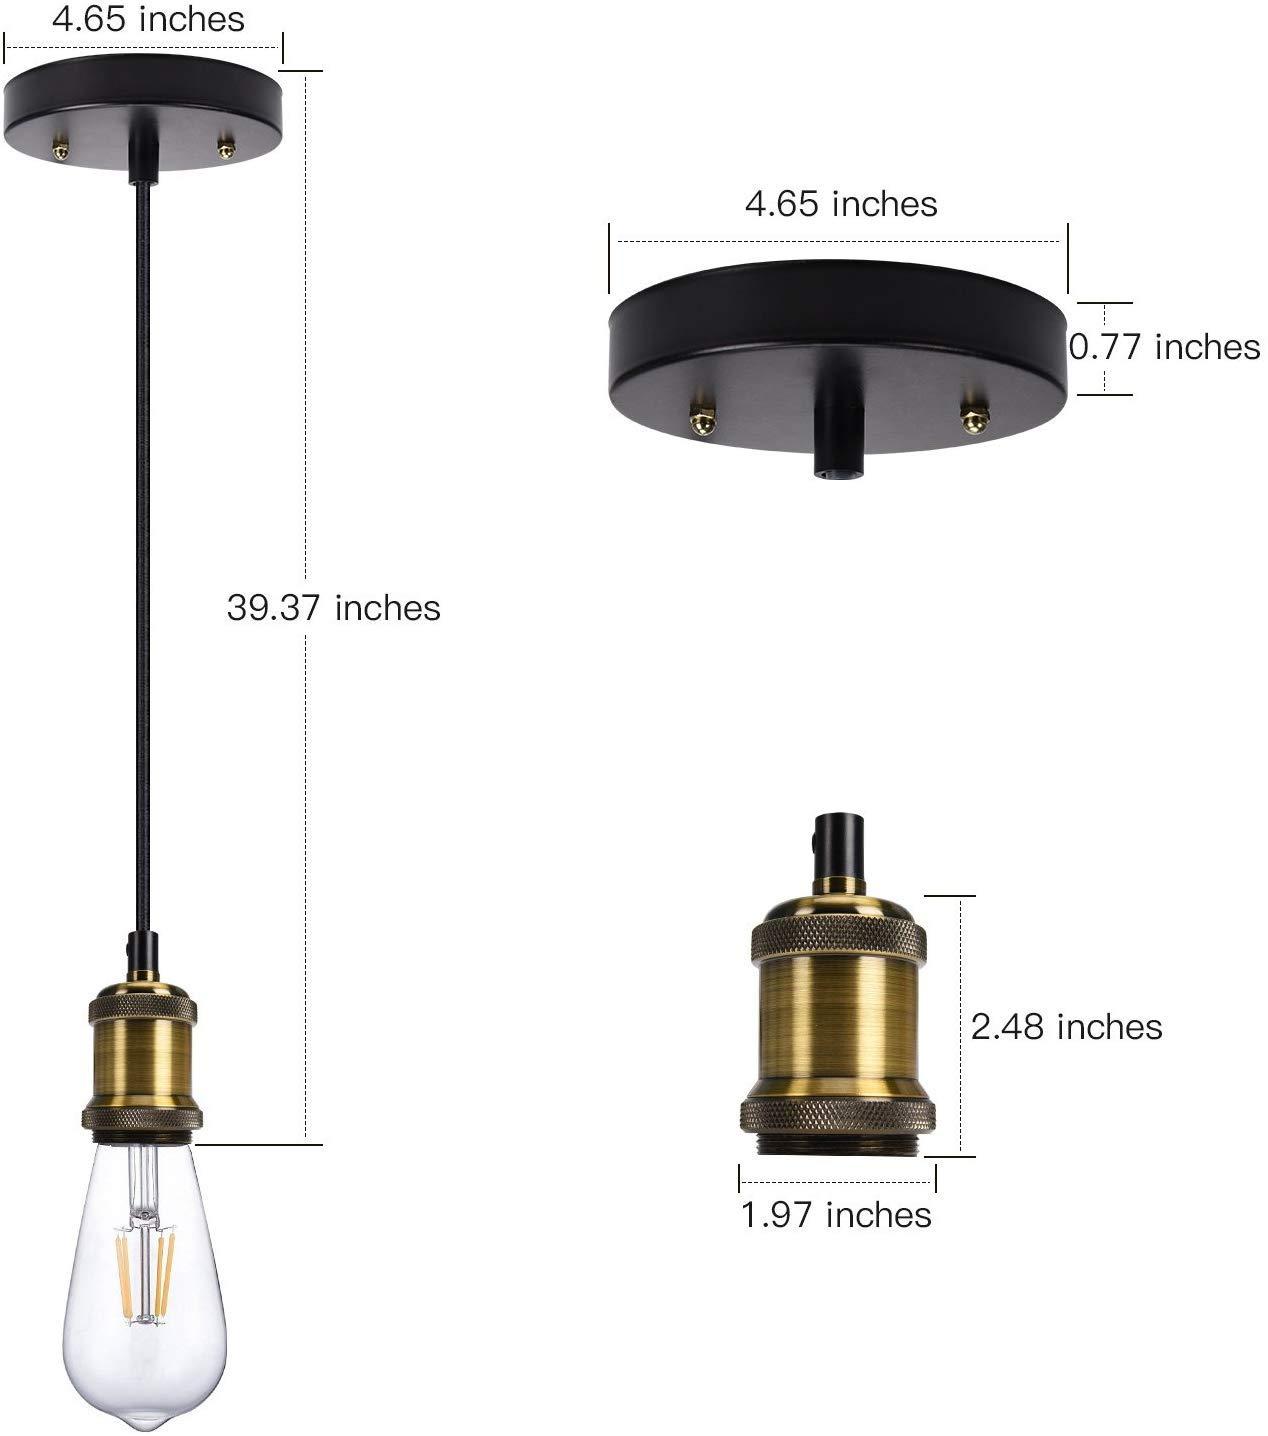 Retro L/ámpara colgante E27 Portal/ámparas Vintage Luz L/ámpara del Techo Luz pendiente con cable ajustable 1.5m para casquillo E27 L/ámpara Negro mate